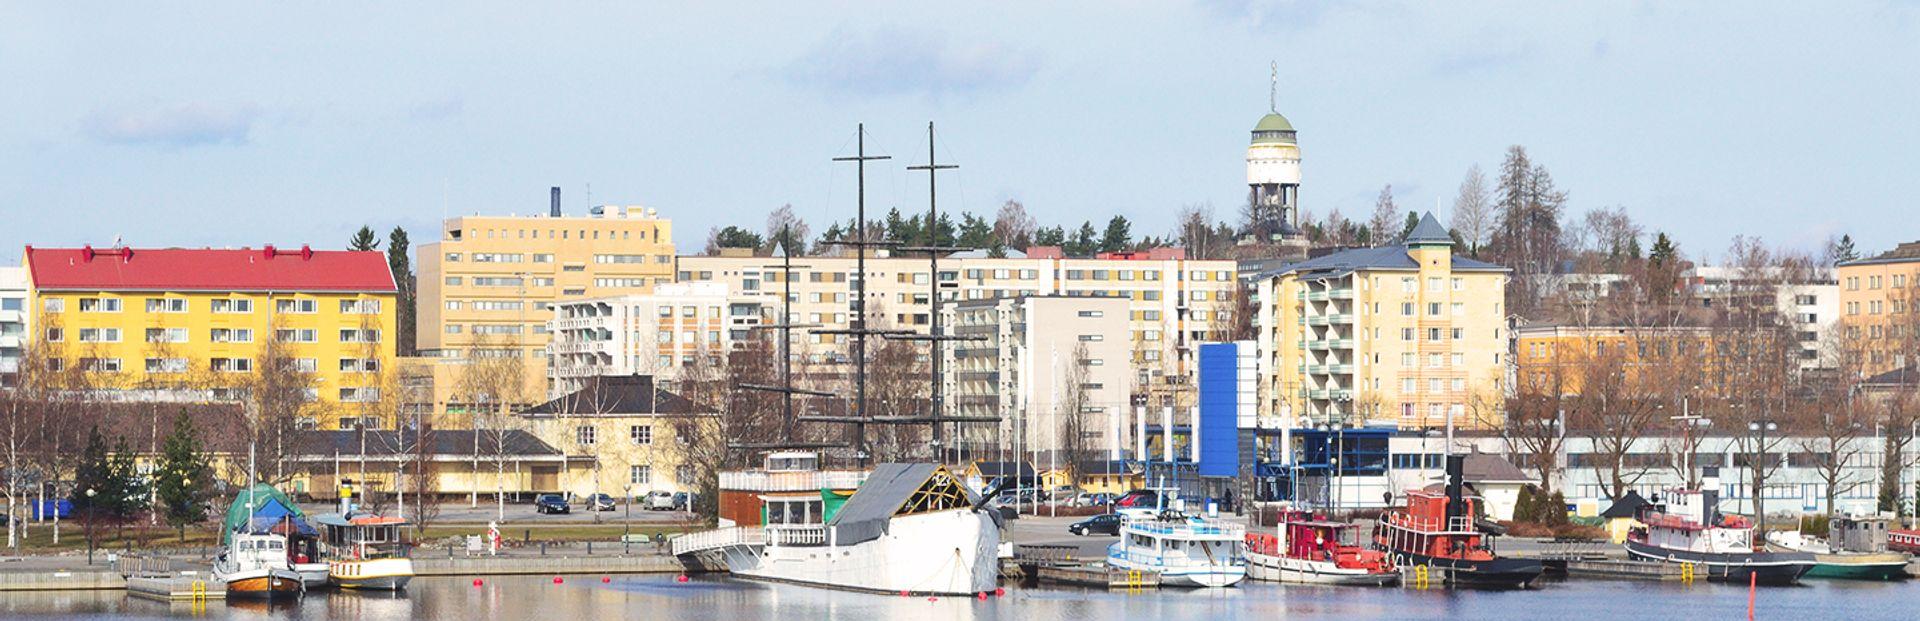 Anticimex Mikkelissä